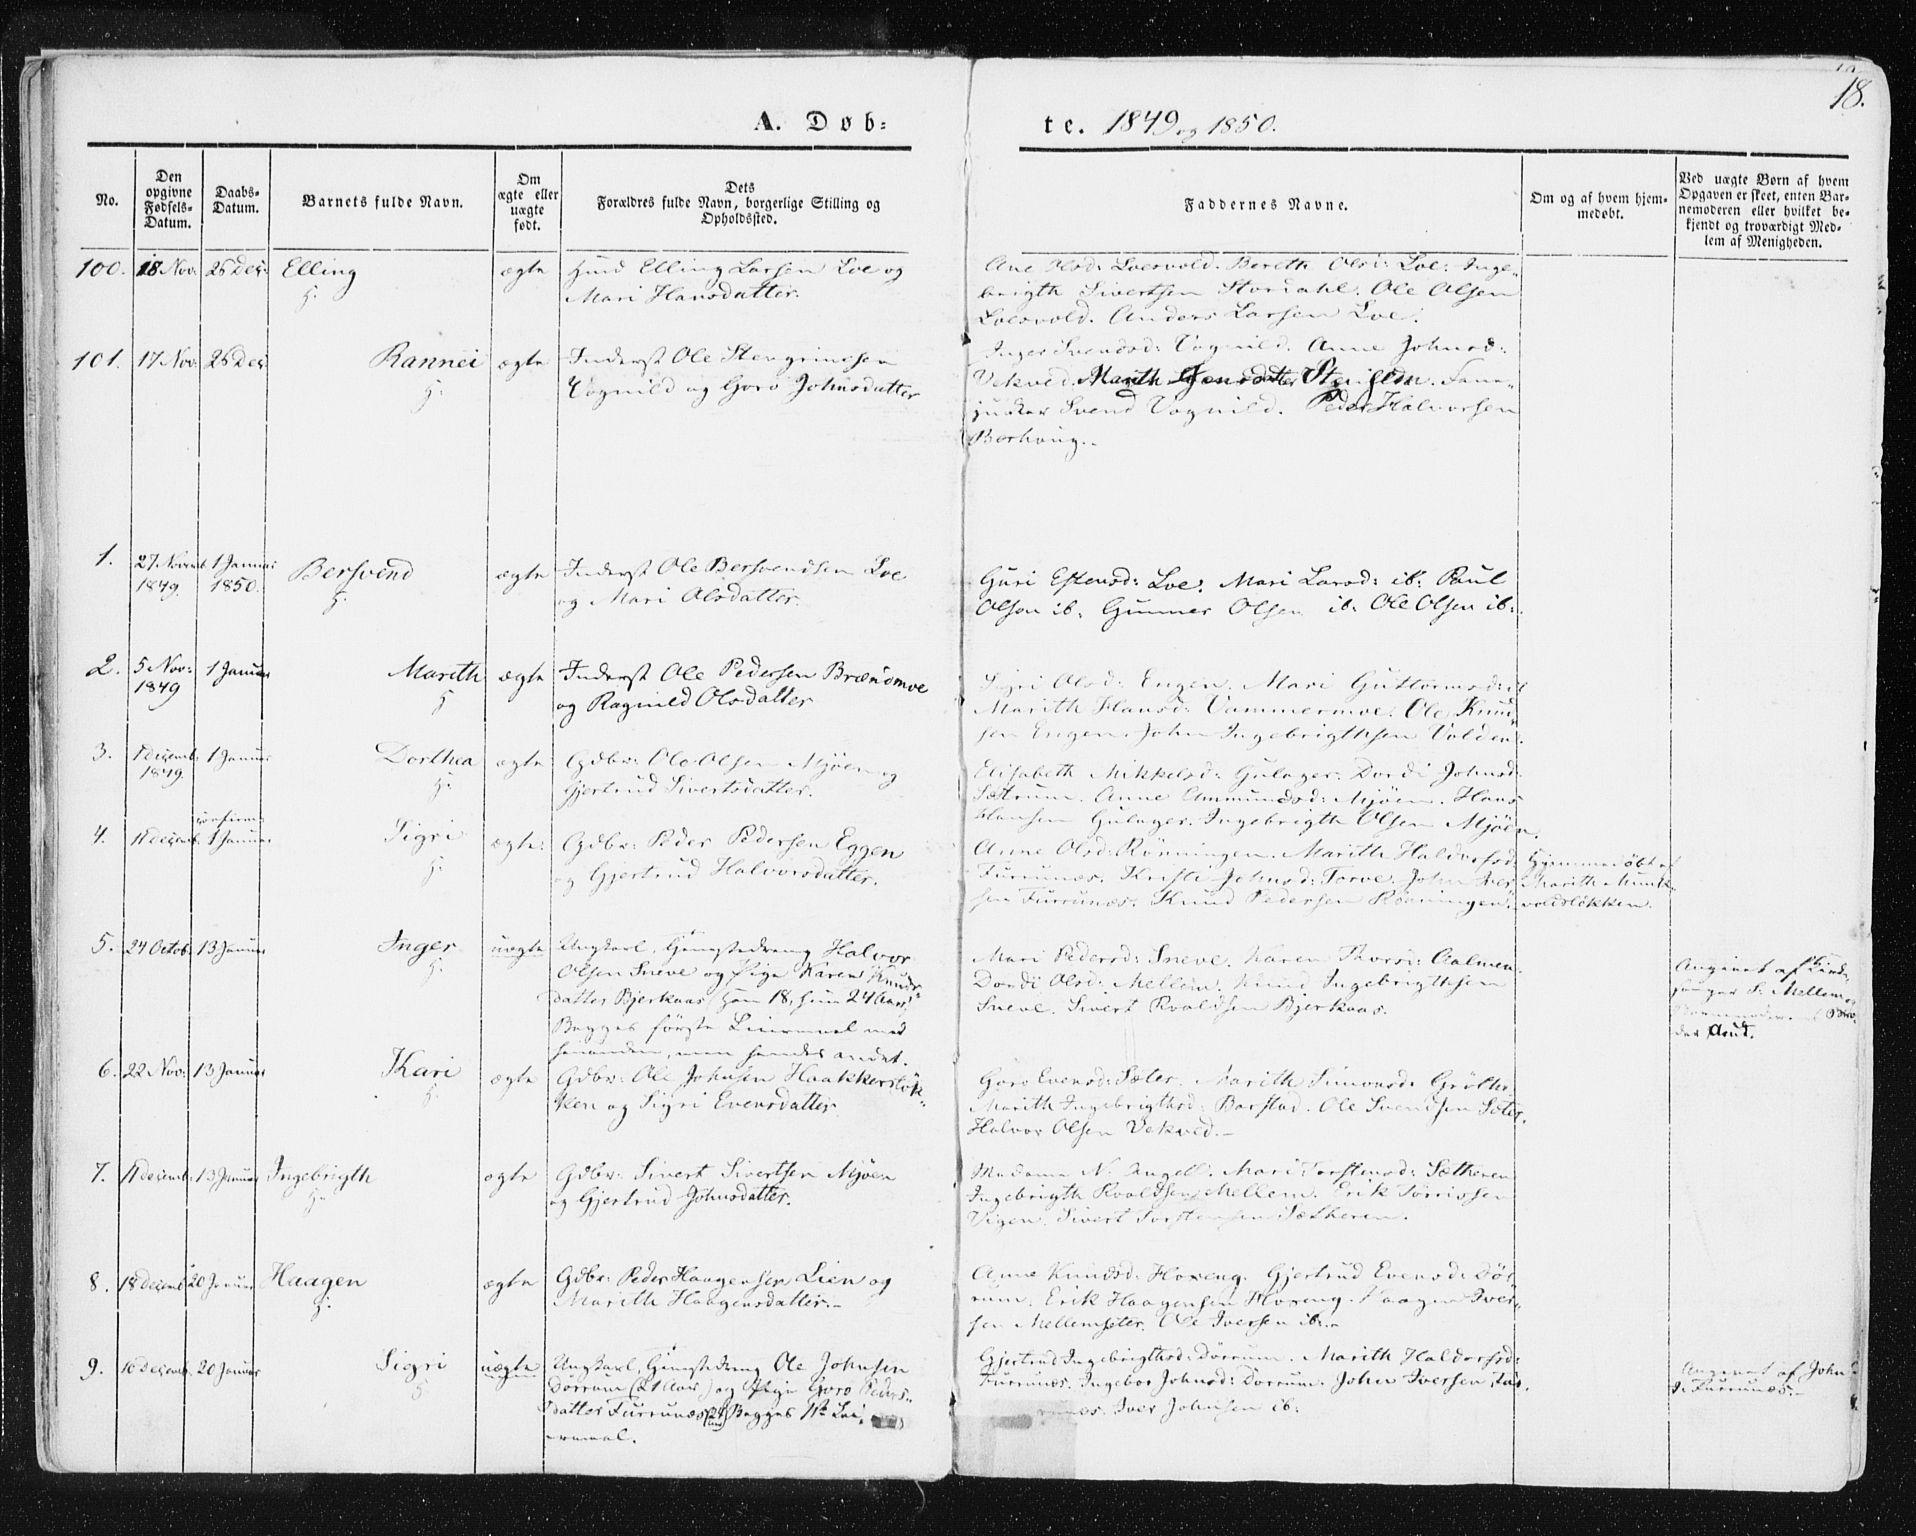 SAT, Ministerialprotokoller, klokkerbøker og fødselsregistre - Sør-Trøndelag, 678/L0899: Ministerialbok nr. 678A08, 1848-1872, s. 18